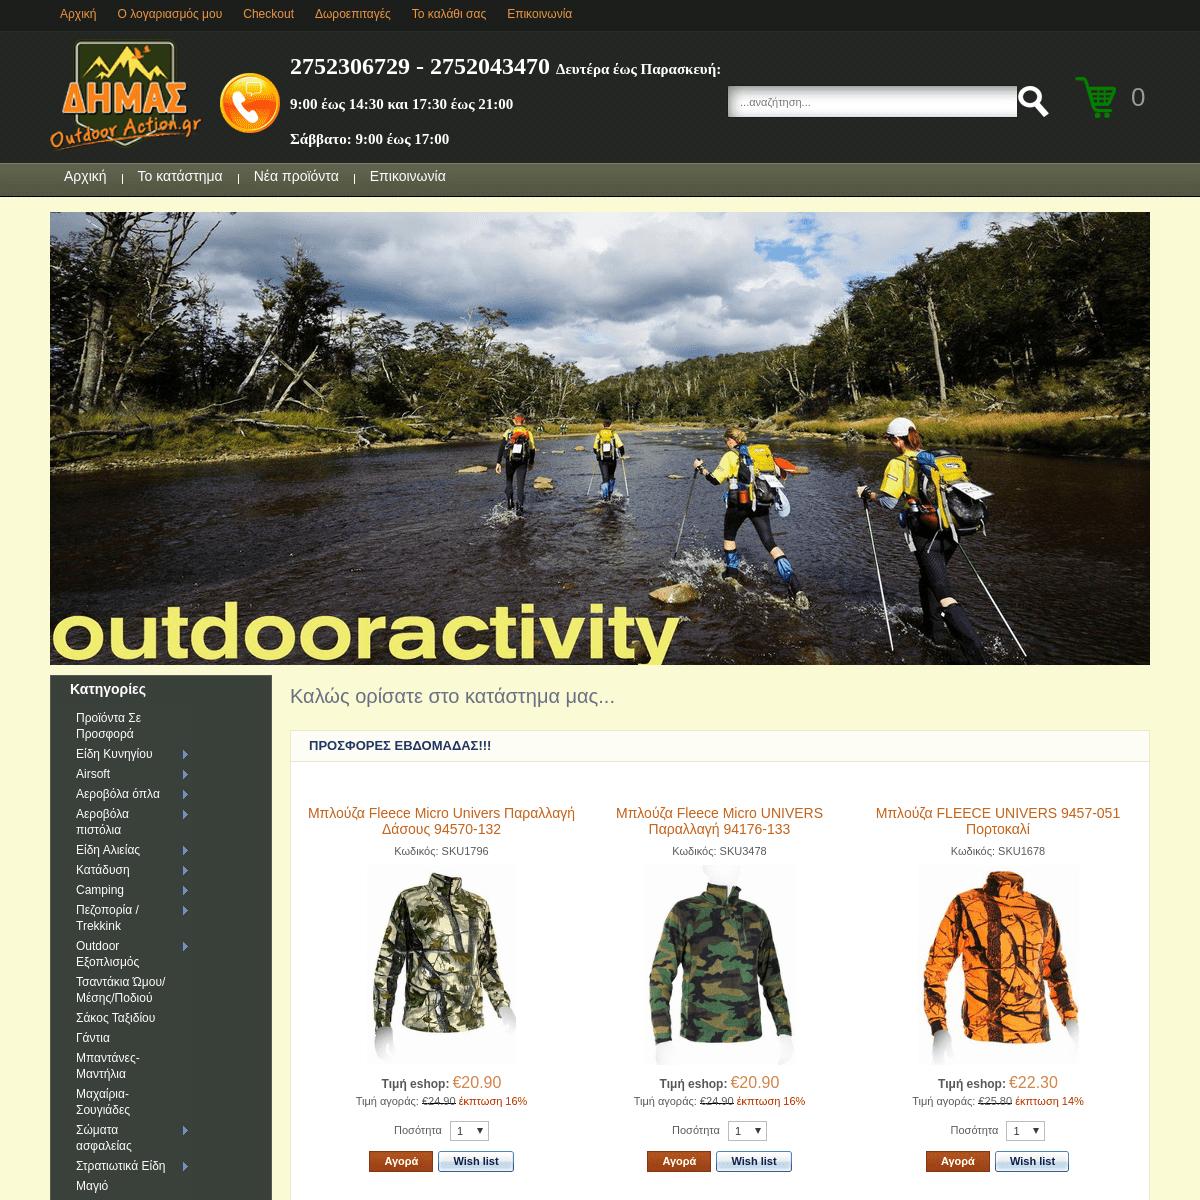 Κυνηγετικά είδη Δήμας, outdooraction.gr